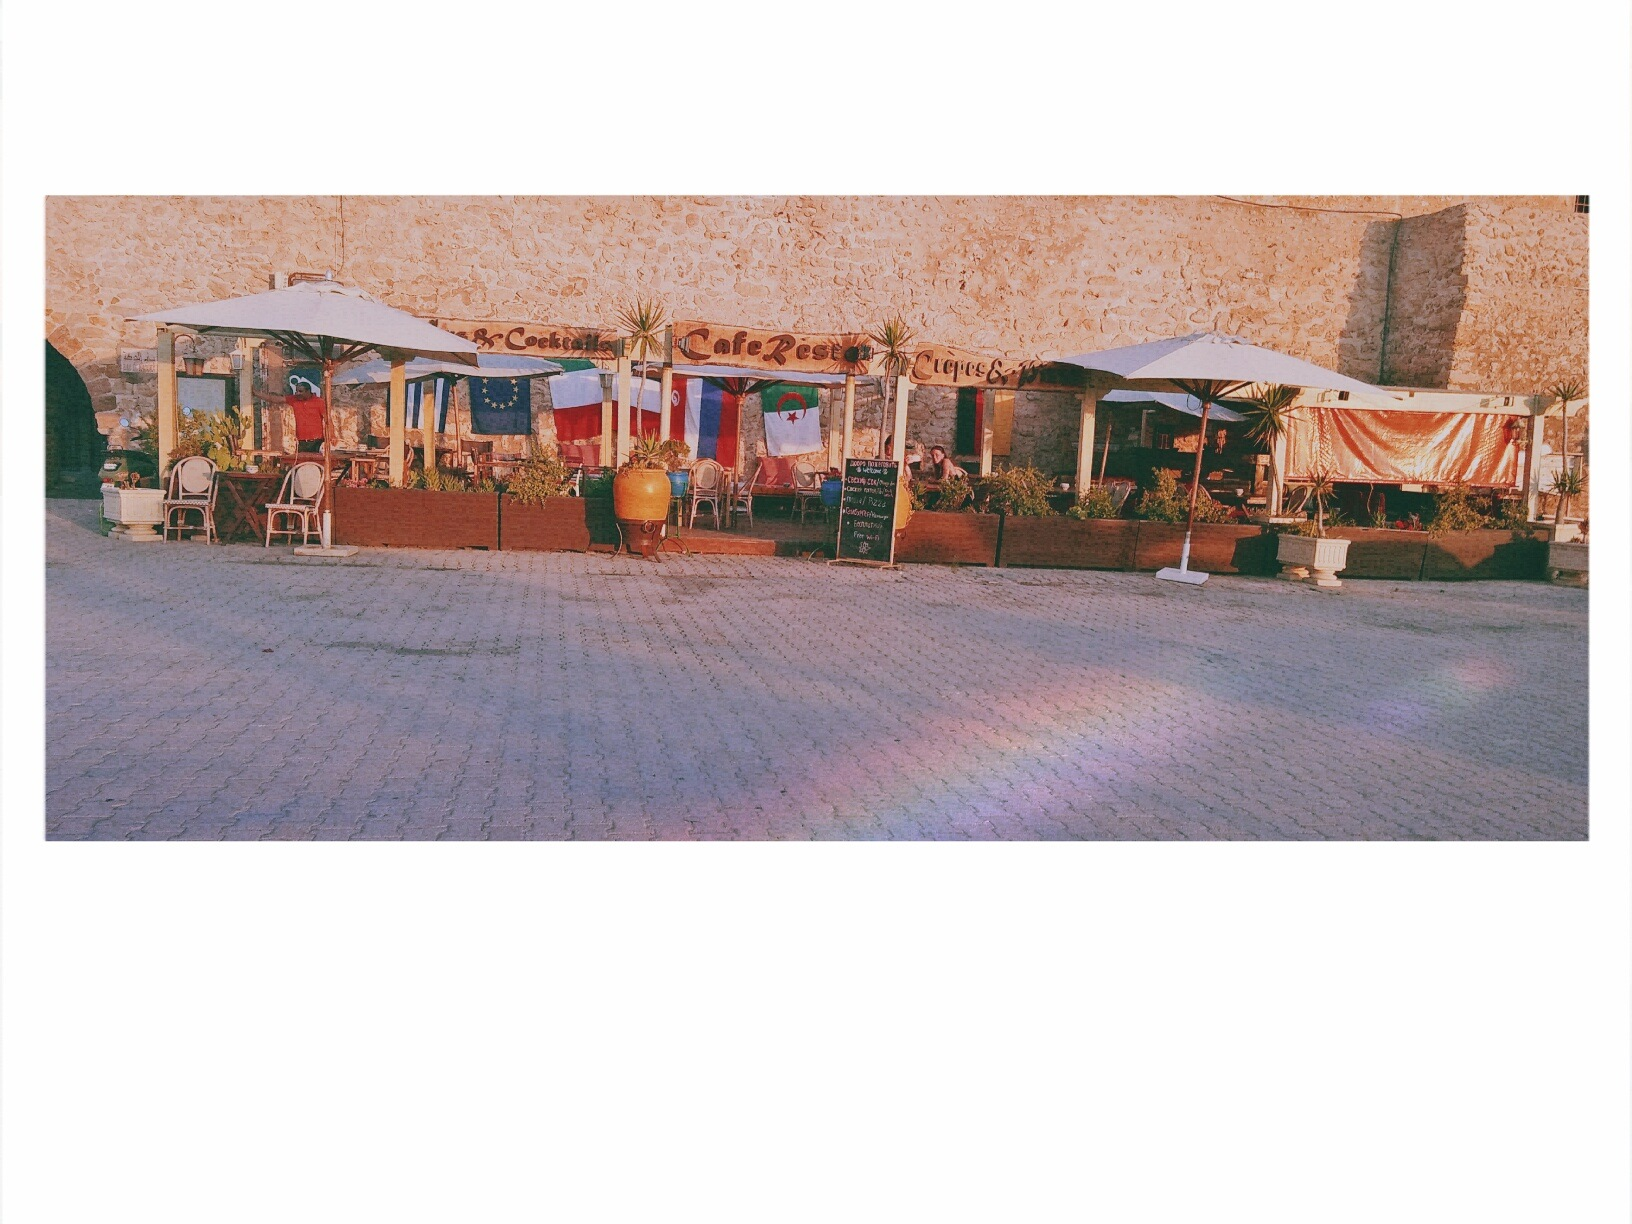 Tunisia  by Sarabicon